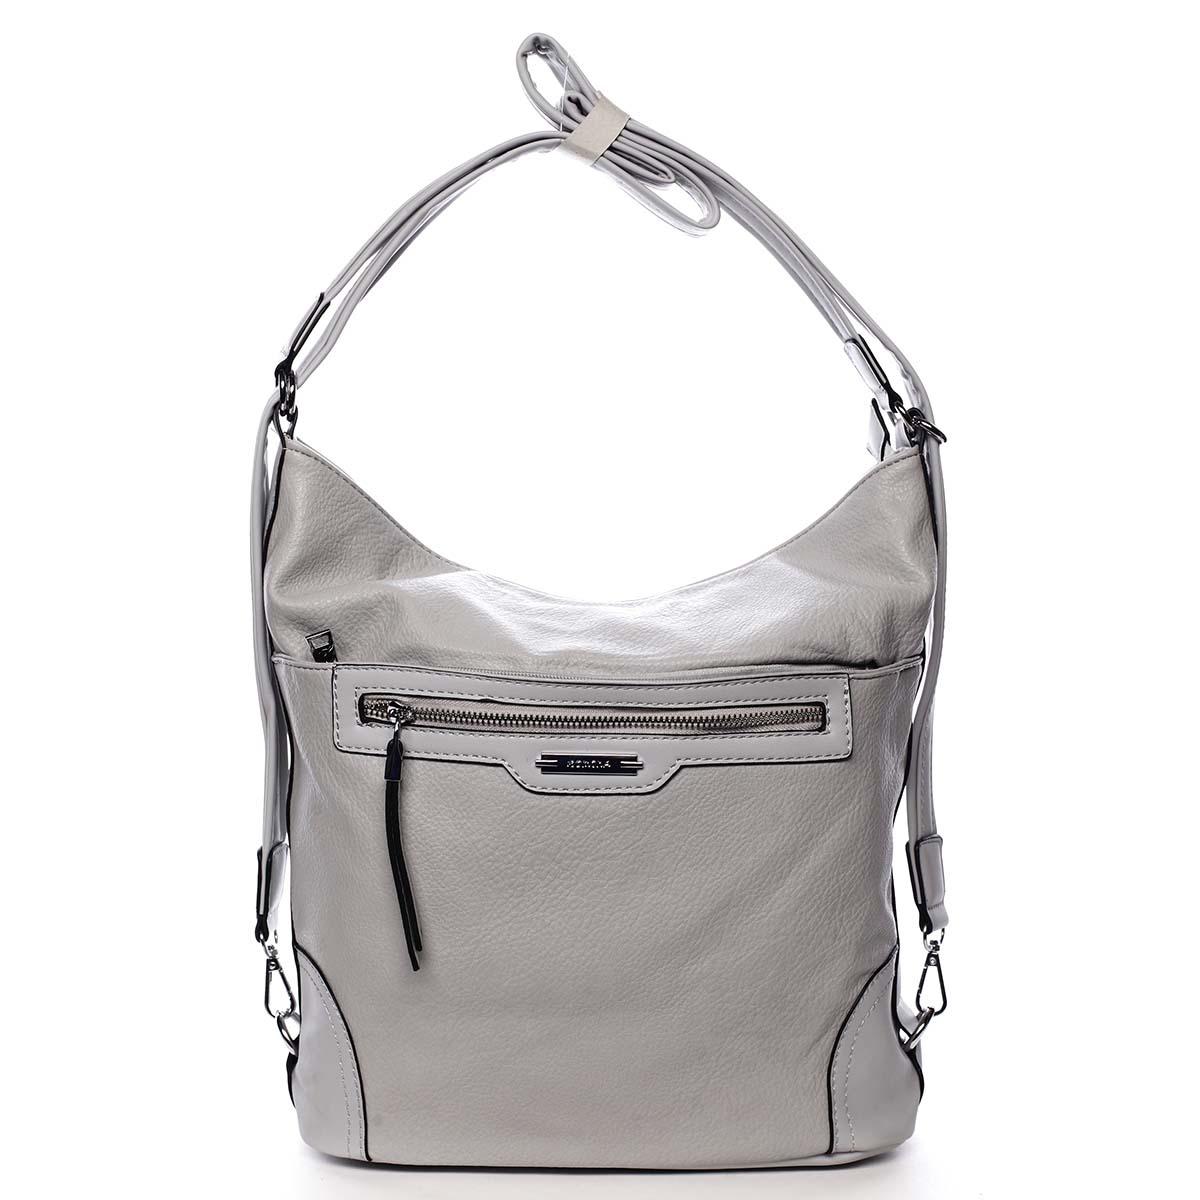 Dámská kabelka batoh světle šedá - Romina Zilla